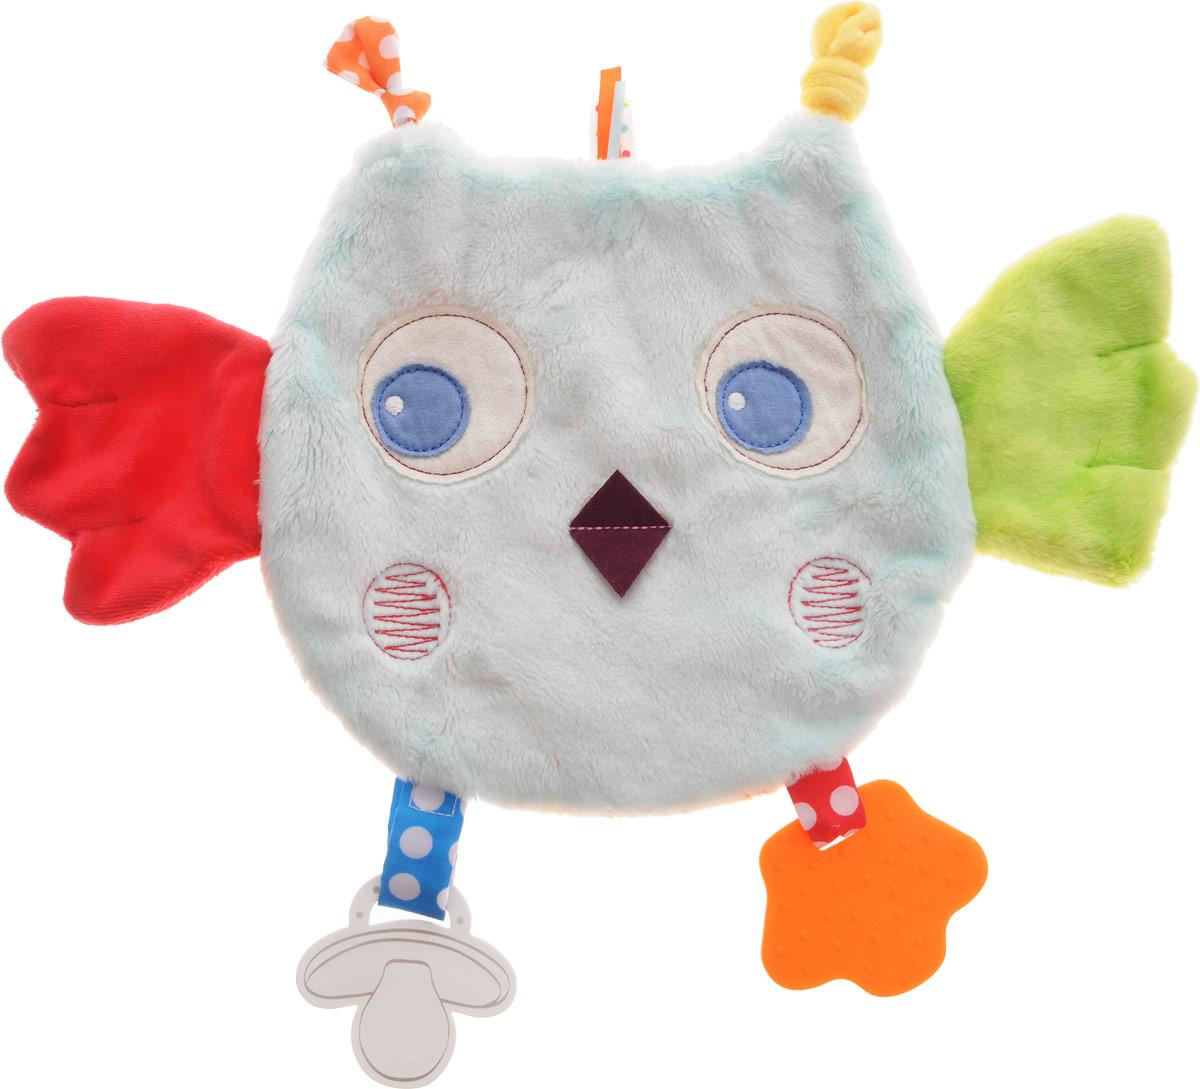 Kaloo Игрушка-комфортер СоваK963333Игрушка-комфортер Kaloo Сова позволит малышу спокойно и сладко уснуть. Особенность игрушки-комфортера состоит в том, что сначала маме необходимо некоторое время подержать игрушку рядом с собой для того, чтобы она впитала материнский запах. После чего игрушку можно дать и малышу. Младенцу будет очень комфортно засыпать с такой игрушкой, она позволит ему быстро успокоиться и сладко заснуть. Со временем комфортер станет не только игрушкой для сна, но и любимым защитником от плохих сновидений и детских страхов. Комфортер выполнен в виде красочного совенка из разных видов материала, что прекрасно будет развивать тактильные ощущения малыша. Оранжевый прорезыватель с шишечками облегчит процесс прорезывания зубок. Изделие изготовлено из качественных и безопасных для здоровья детей материалов, которые не вызывают аллергии. Дизайнеры Kaloo продумывают и придают значение каждому этапу в производстве игрушек, начиная от эскиза и заканчивая упаковкой...